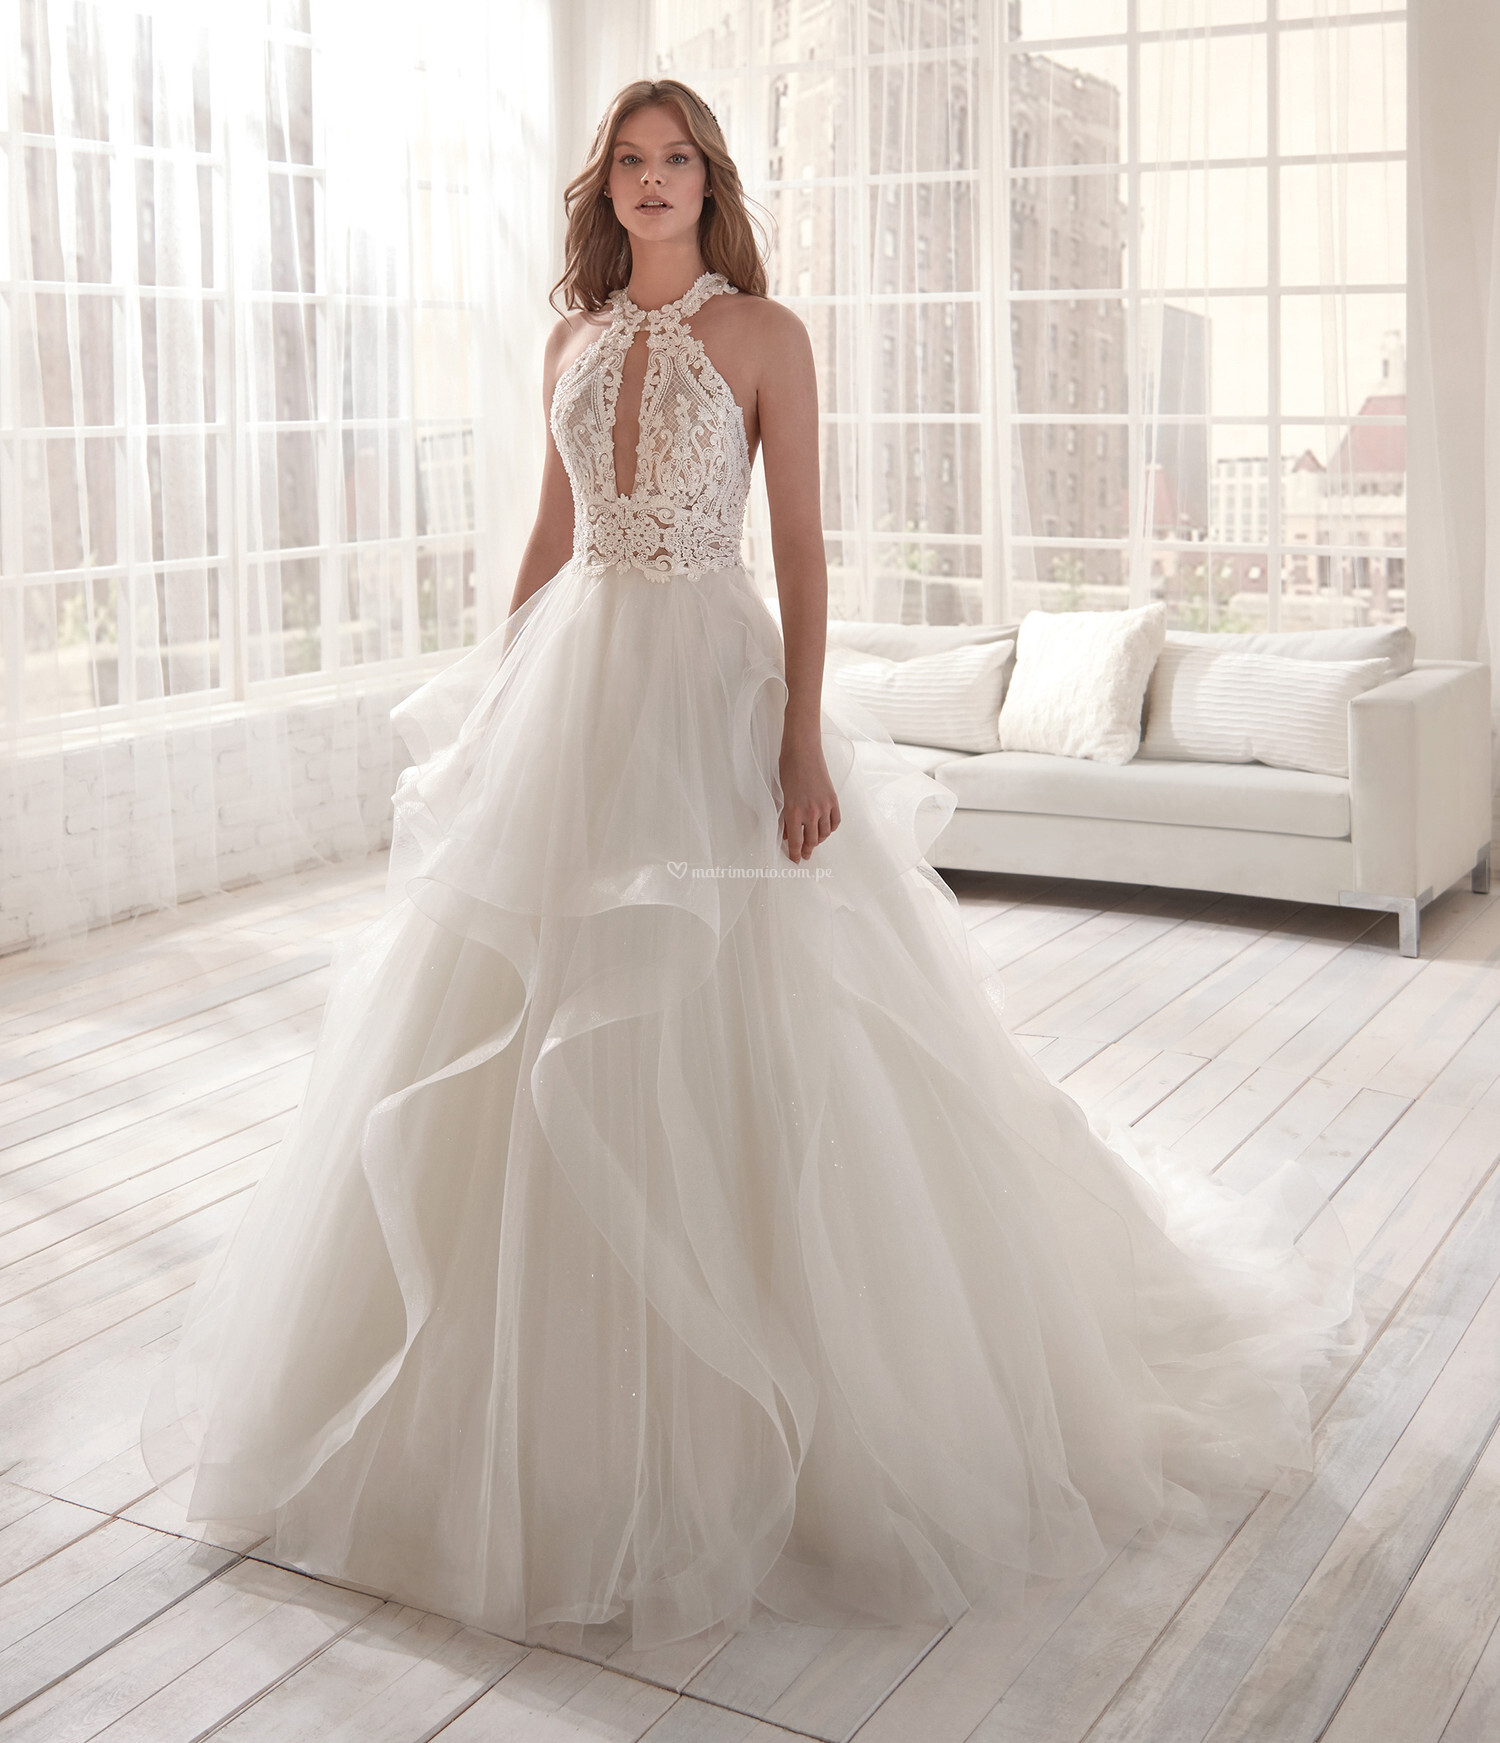 Vestidos corte princesa 2020 8